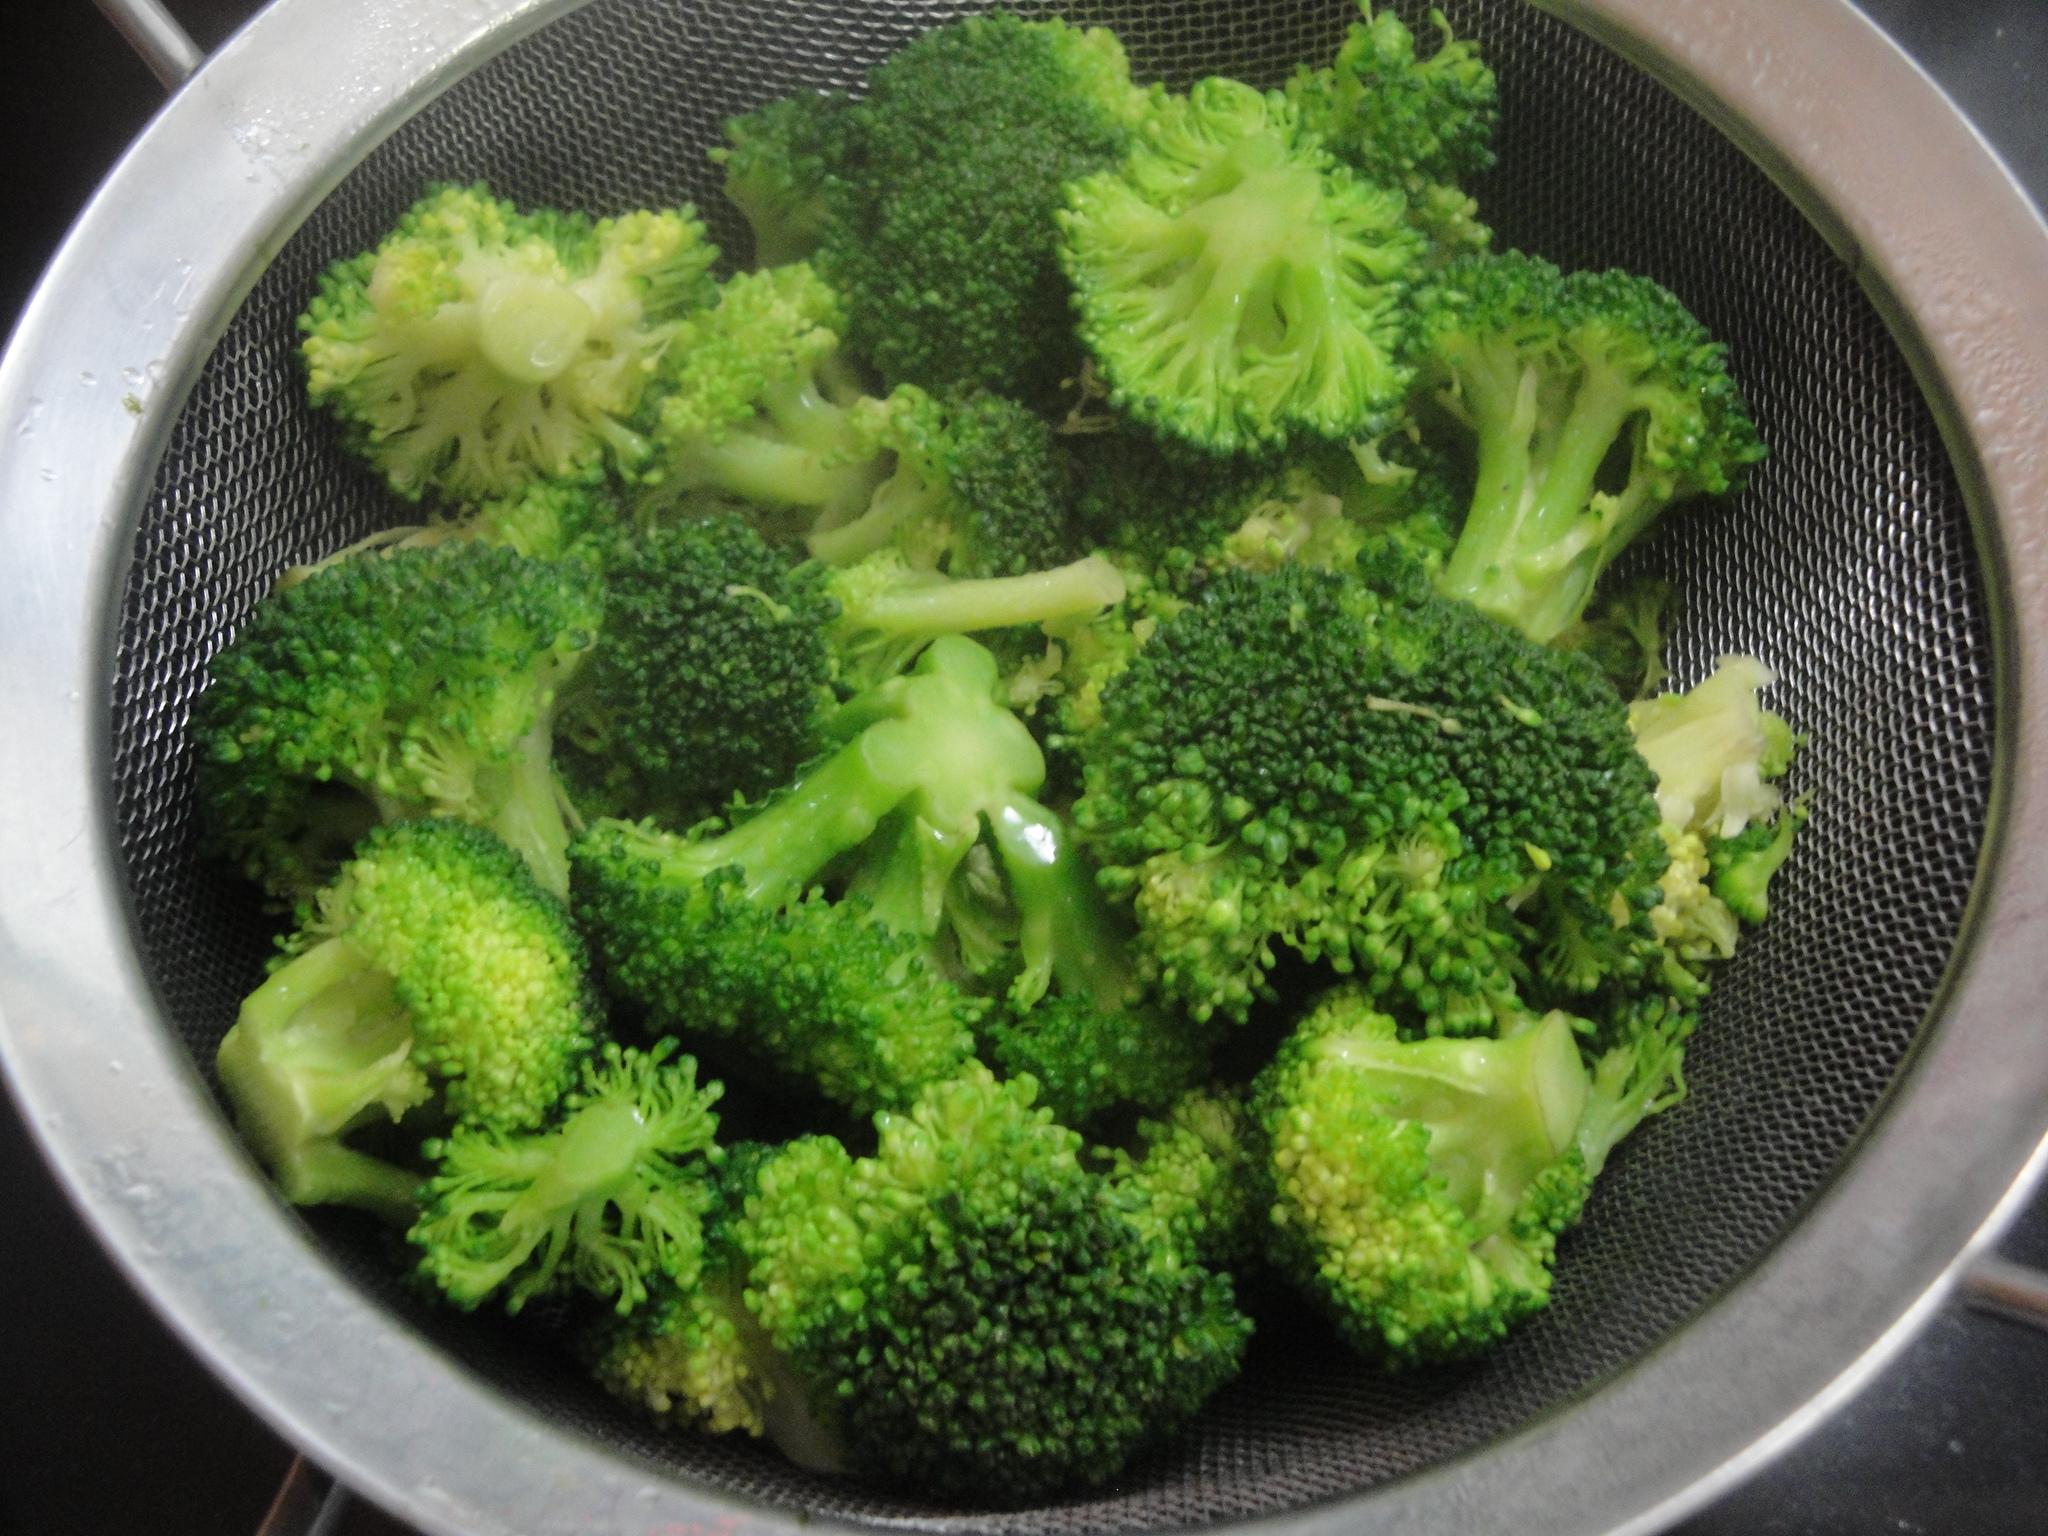 ... cheese mini egg broccoli and cheese mini egg broccoli and cheese mini